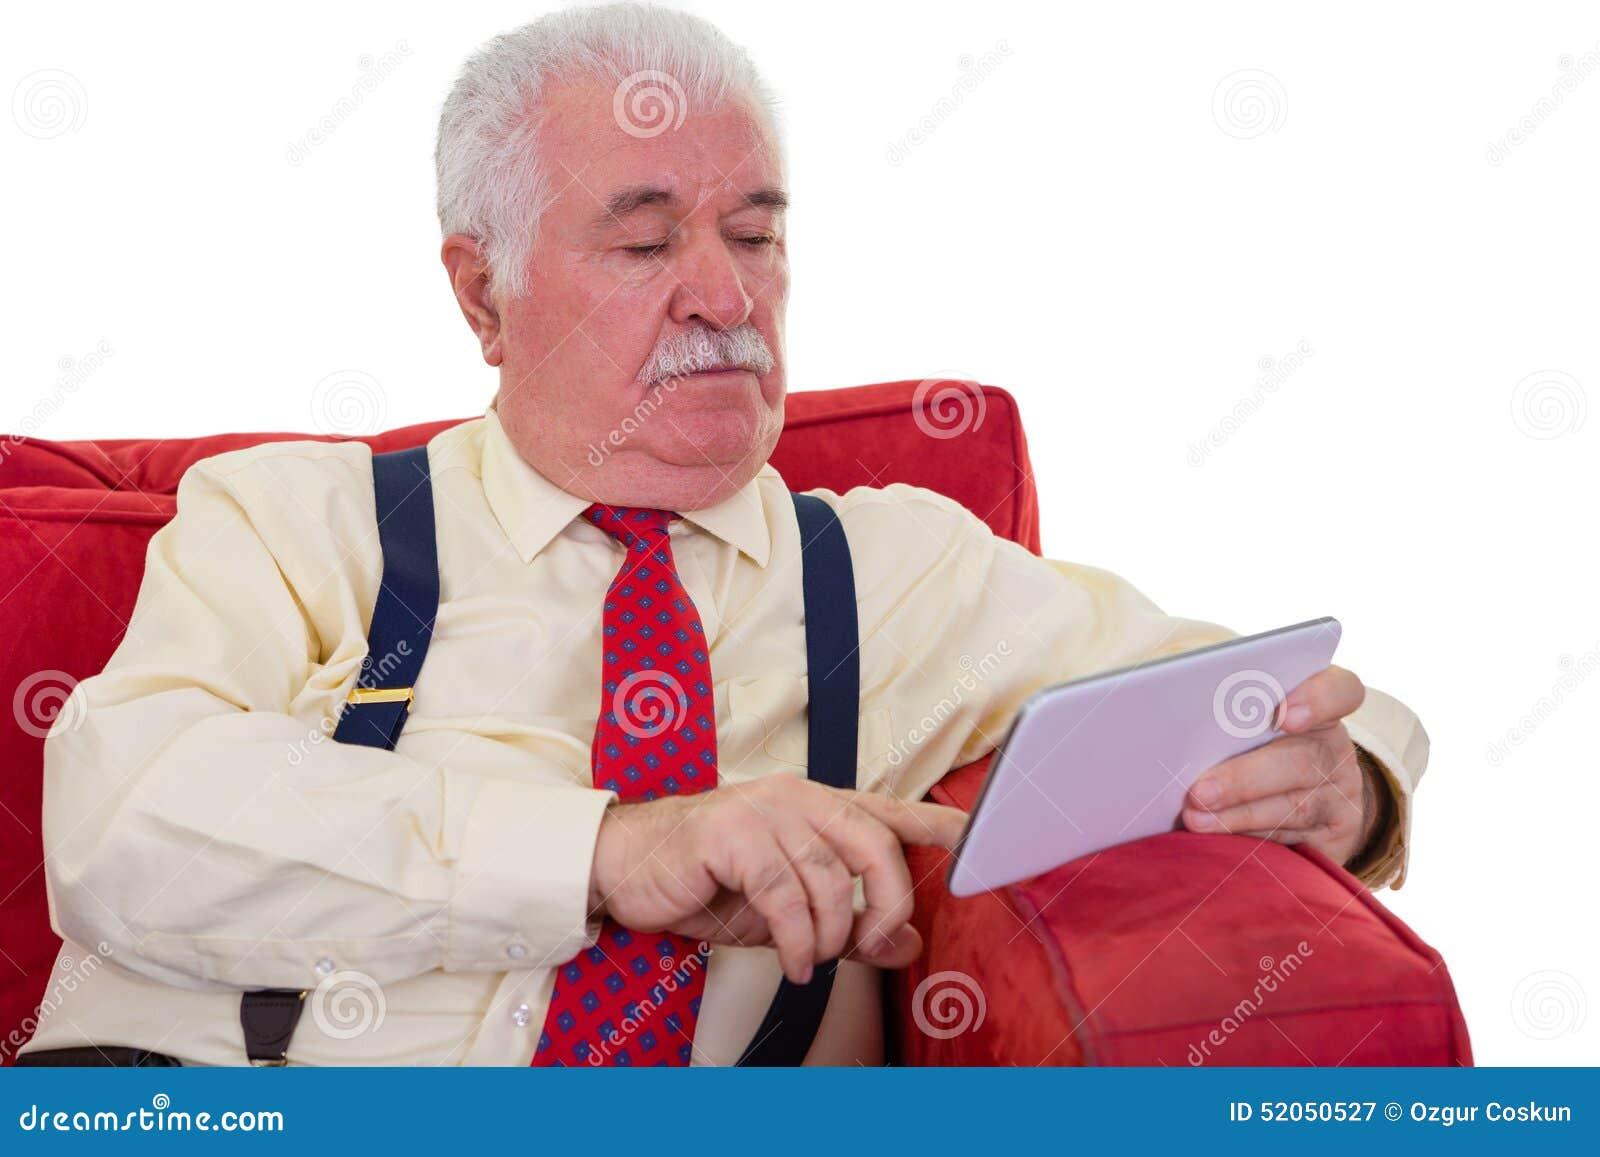 Différence entre les générations  Vieux-monsieur-mis-jour-avec-la-tablette-sur-une-chaise-52050527